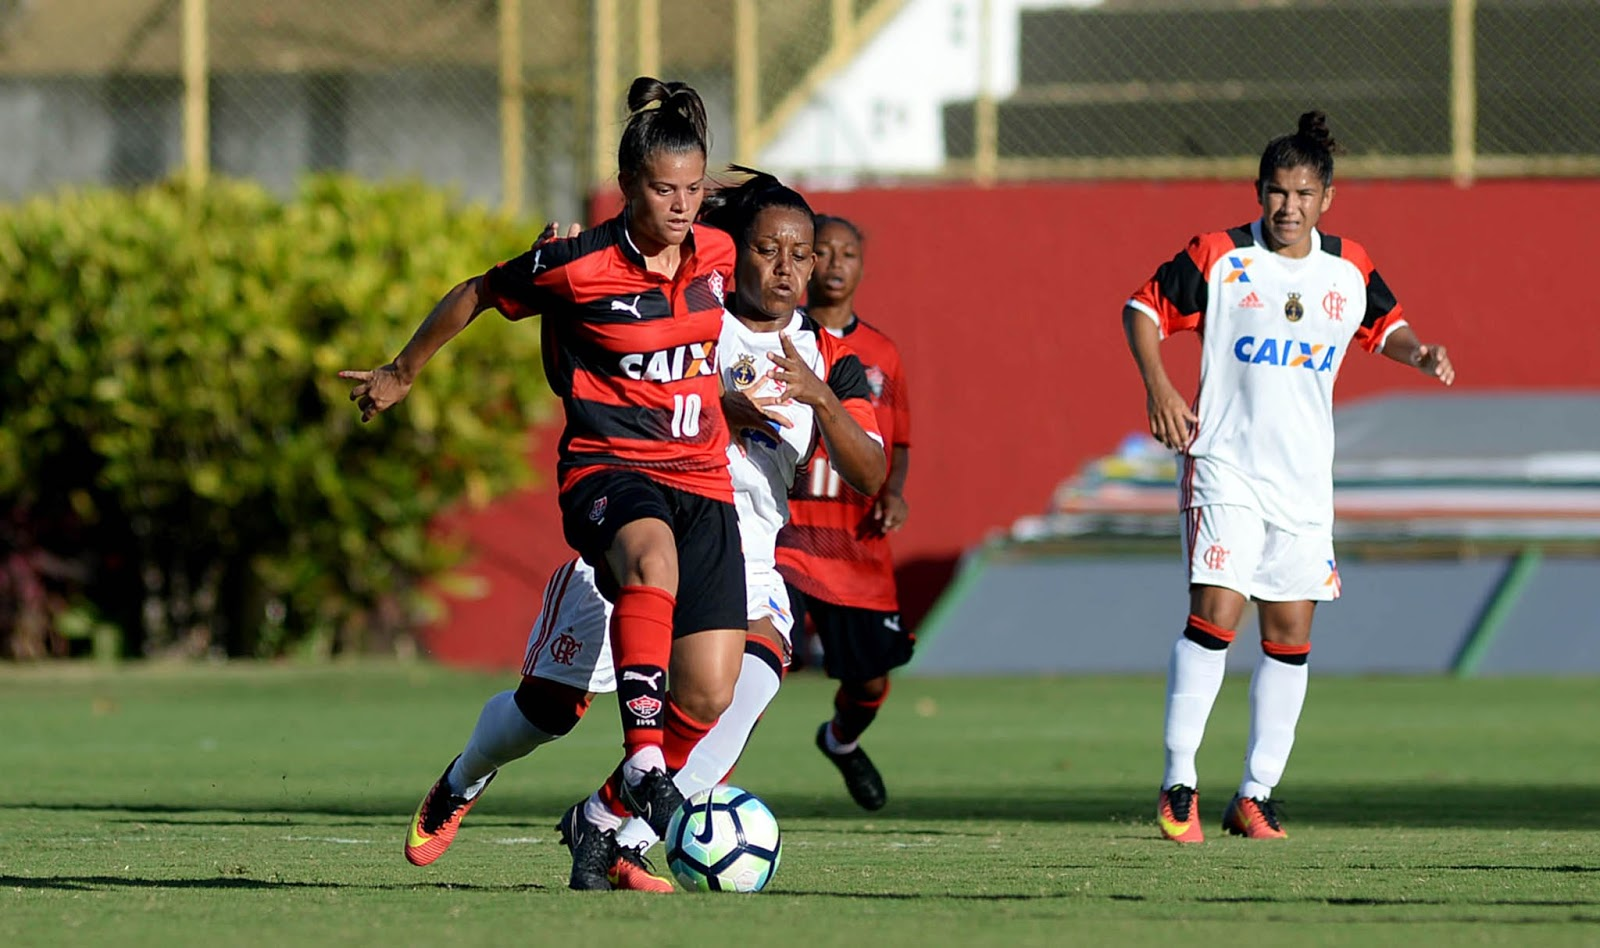 FLAMENGO ESTREIA COM VITÓRIA NO BRASILEIRO FEMININO 2017 - Futebol ... a0e010bdd7351